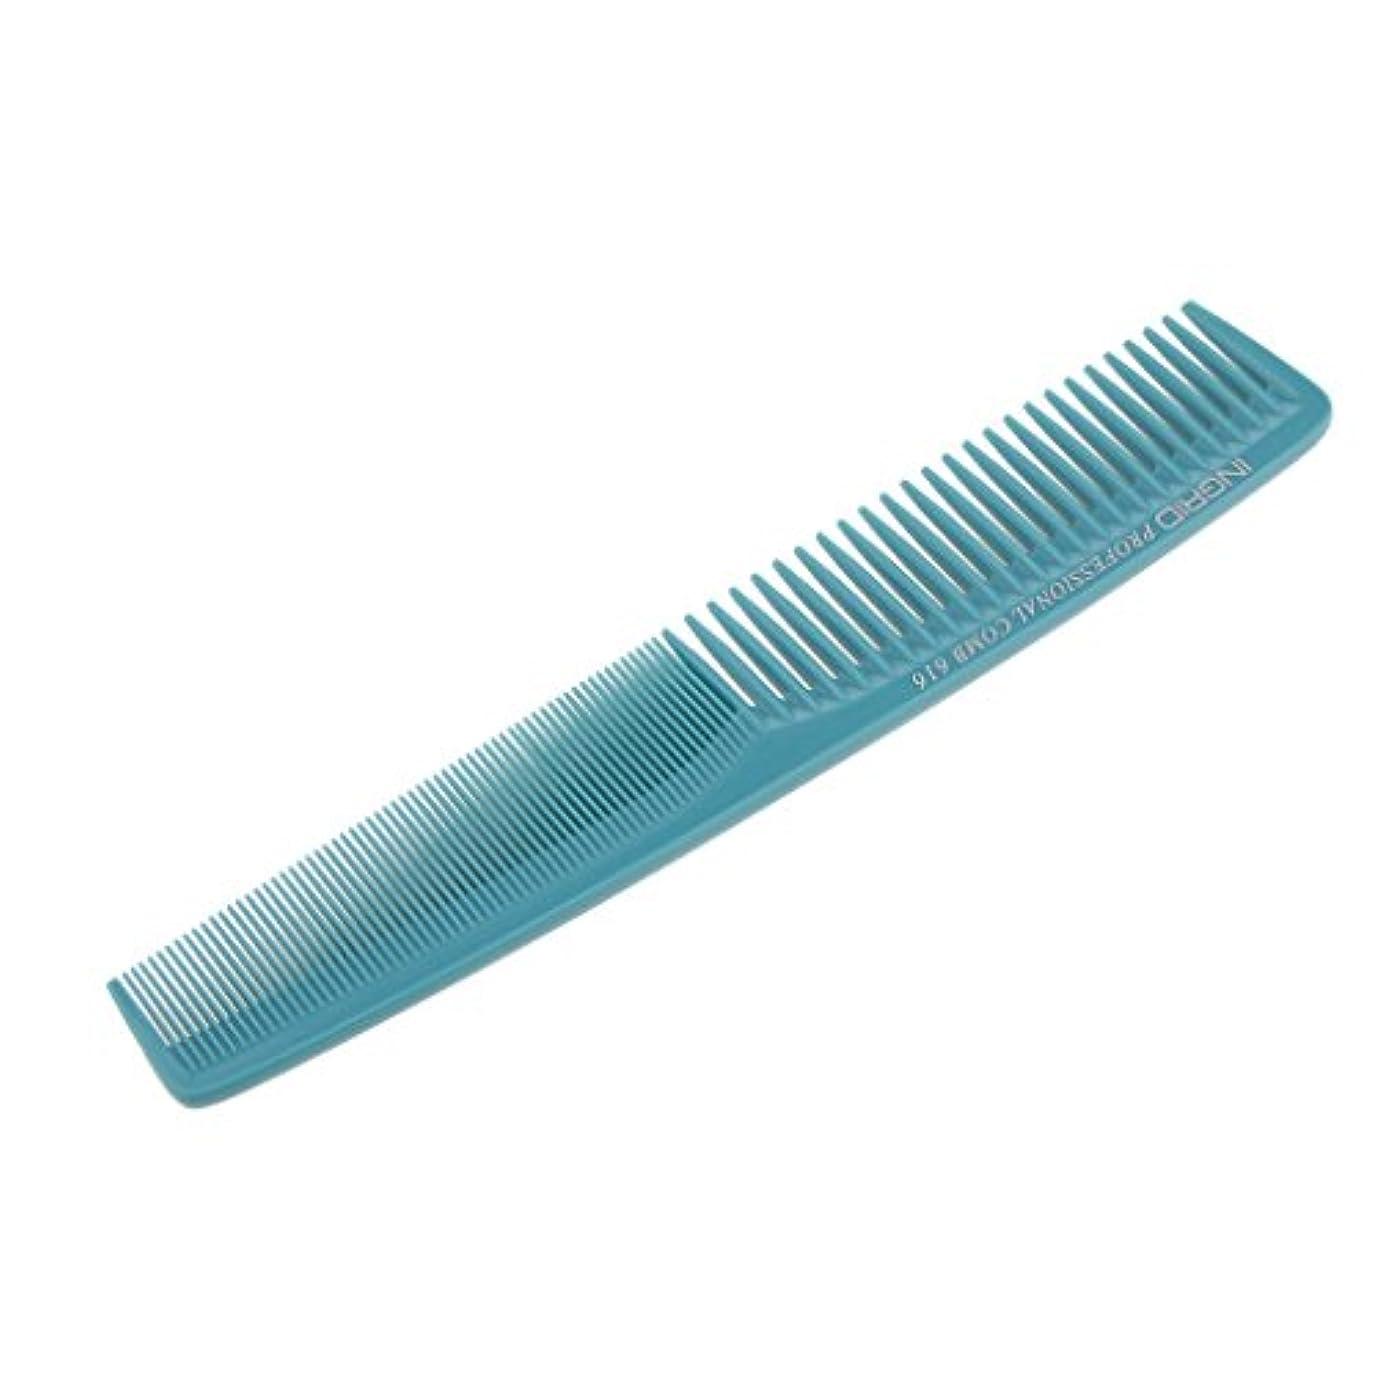 突き刺す薬リマHomyl ヘアカットコーム 櫛 コーム 理髪店 静電気防止 全5色  - ライトブルー